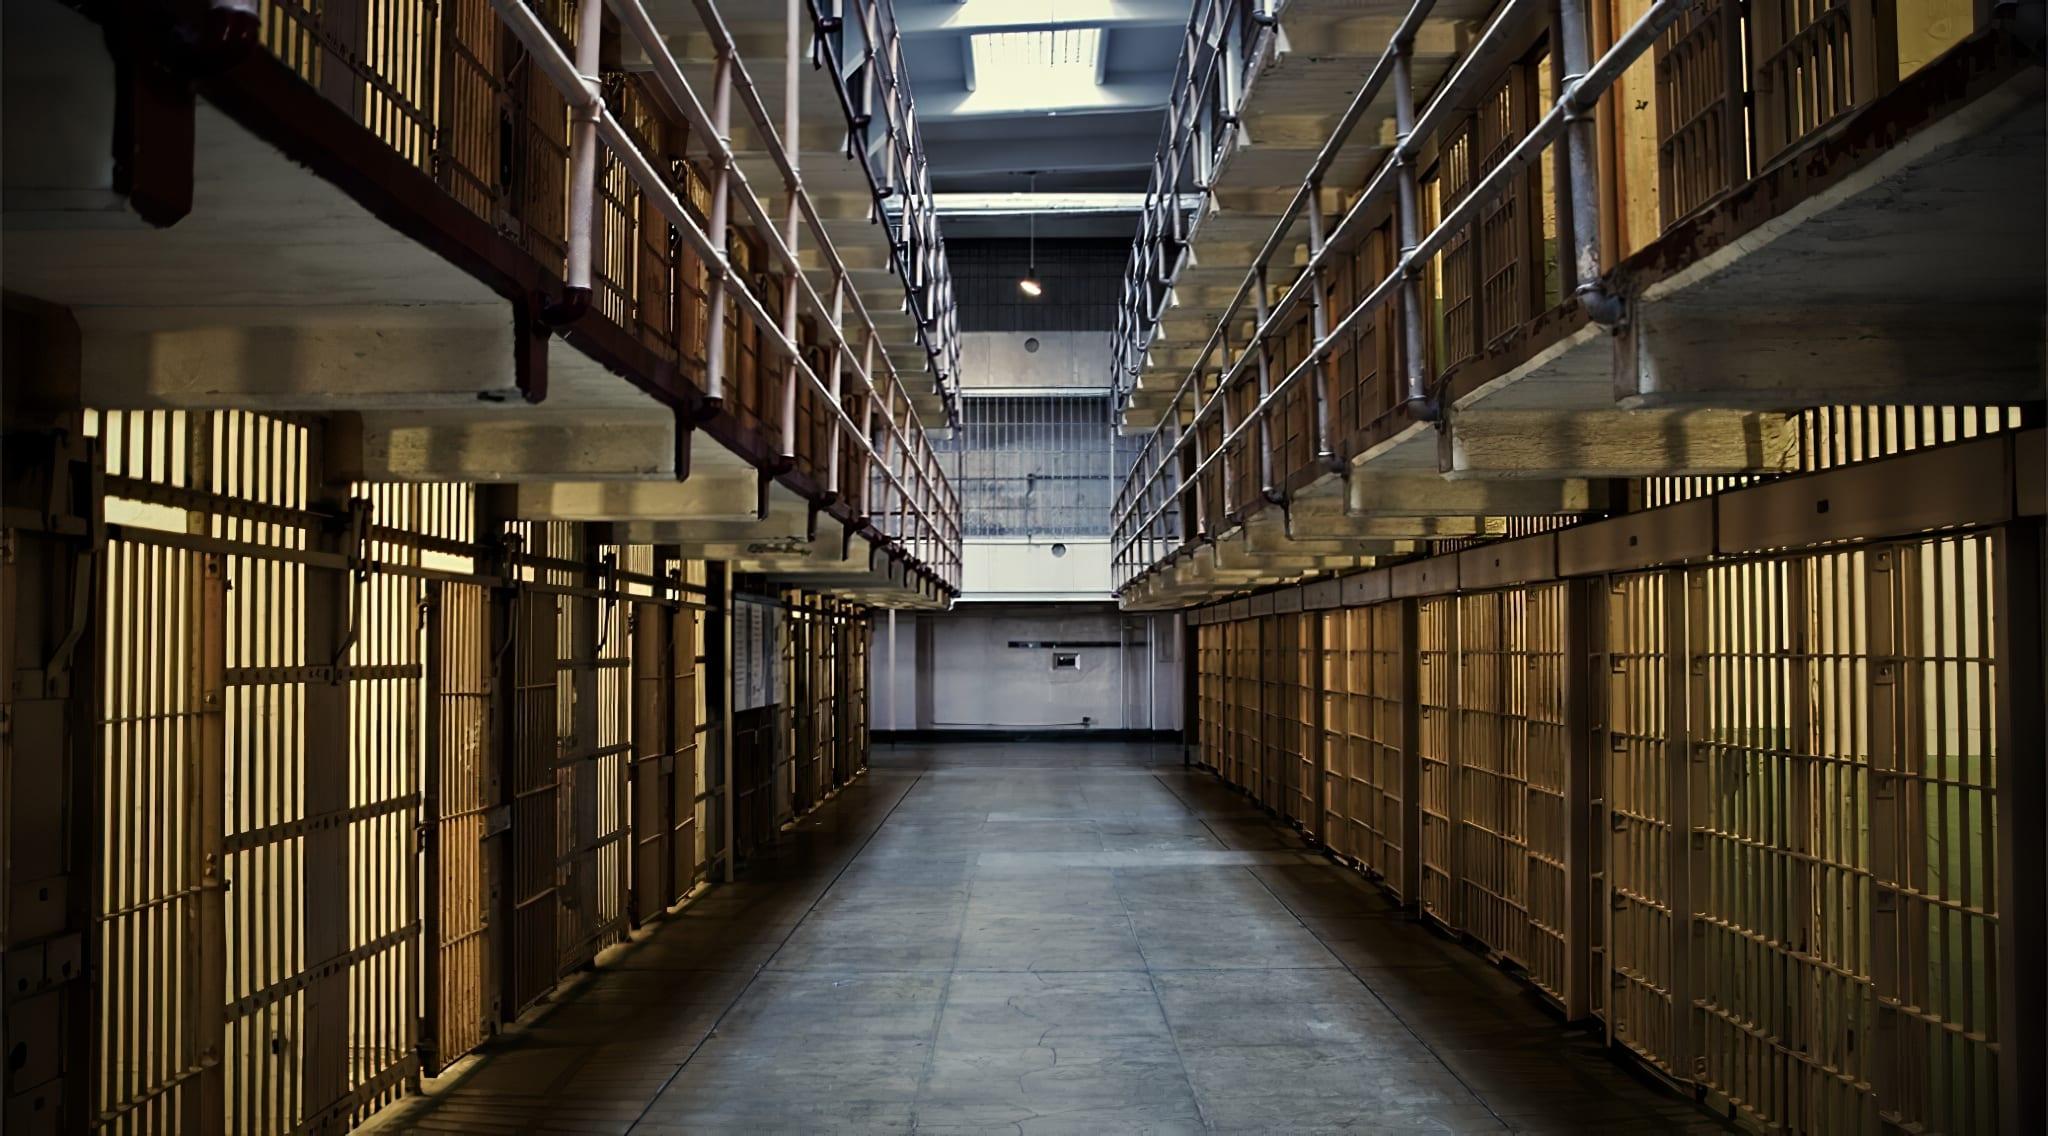 Visite de la Prison d'Alcatraz